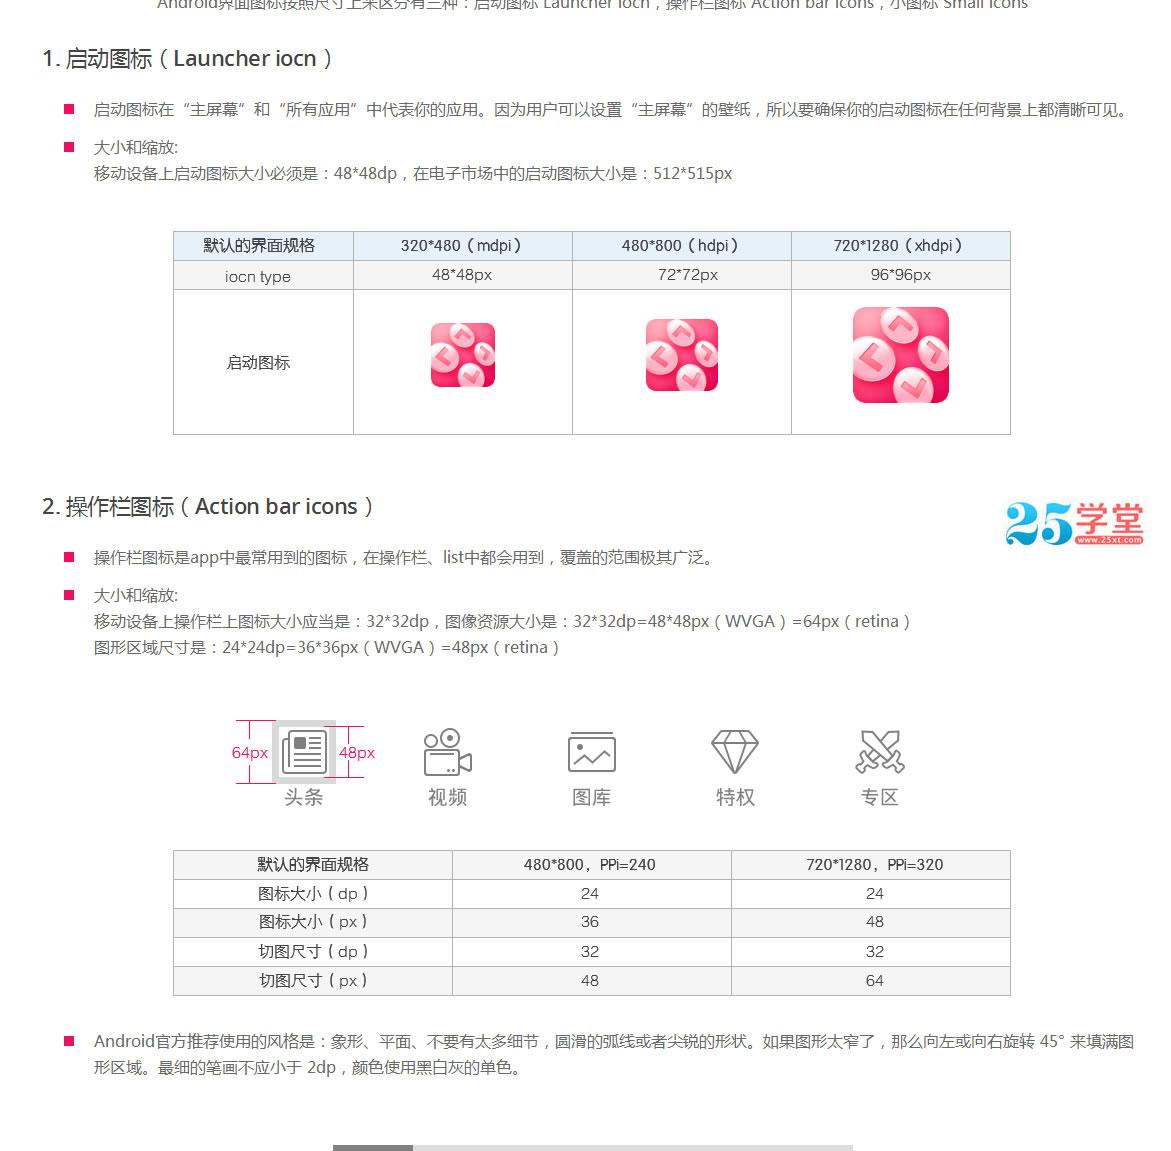 AndroidUI界面设计规范完整版专用设计中文字体图片